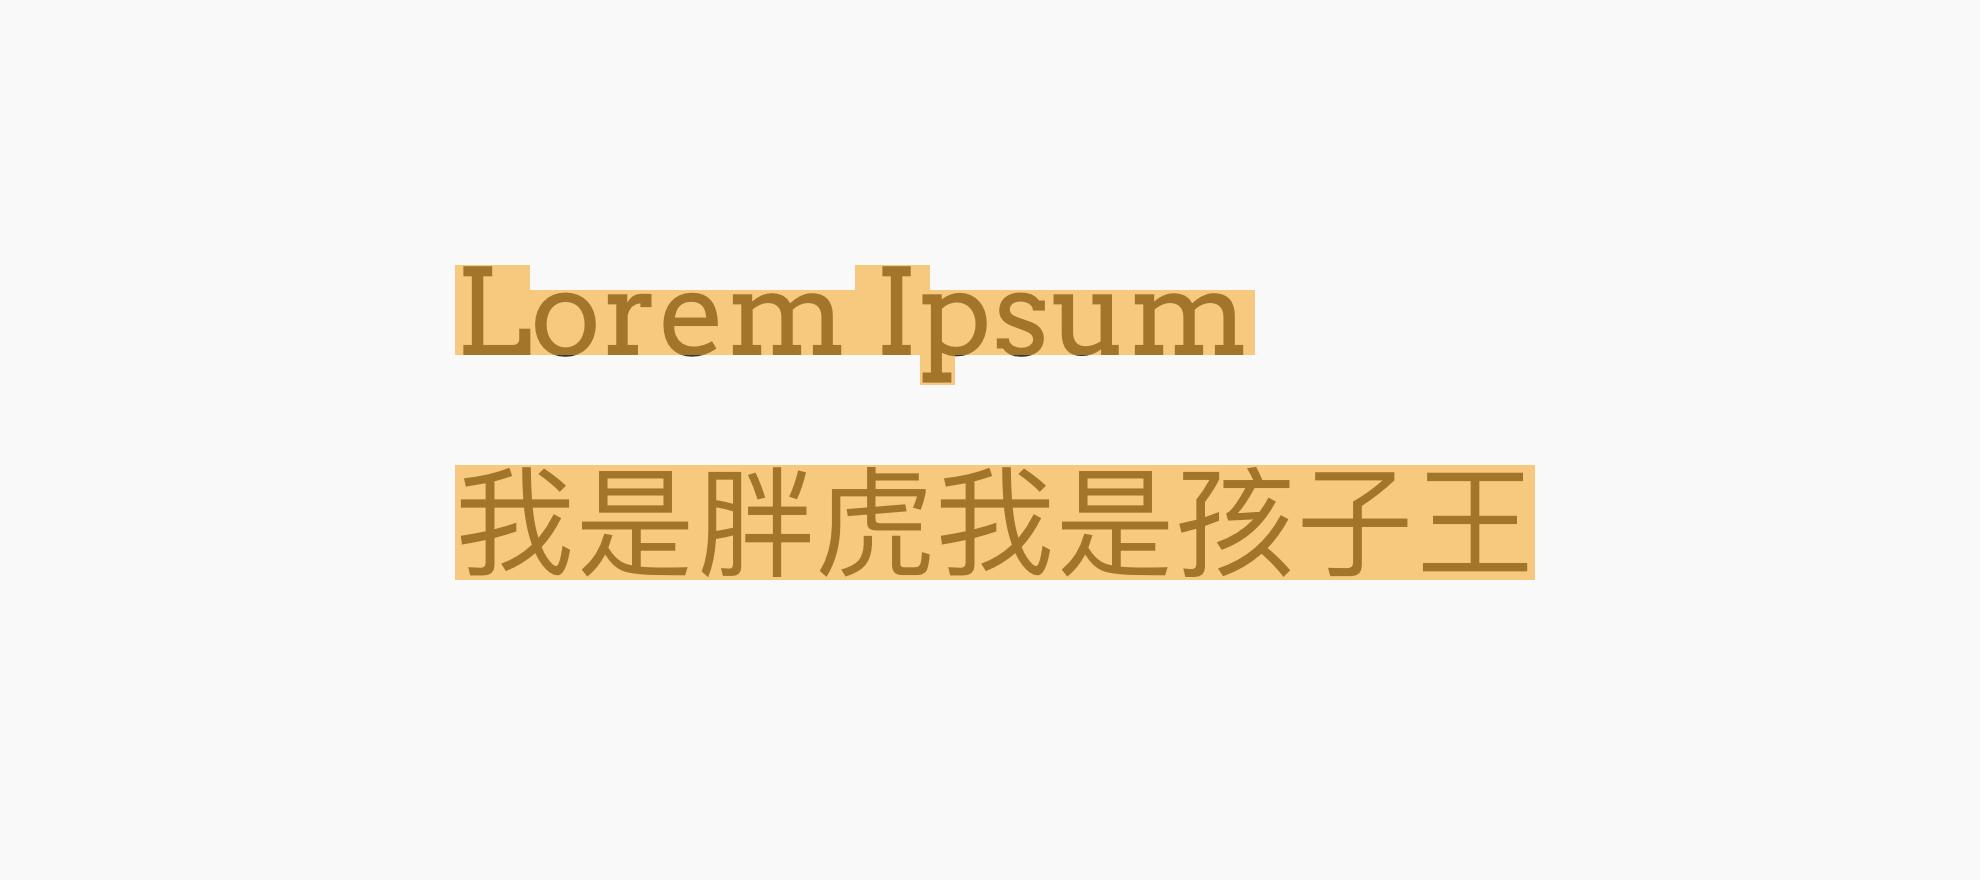 消滅 Lorem 吧!仿真內容的介面設計 - De-Magazine - Medium